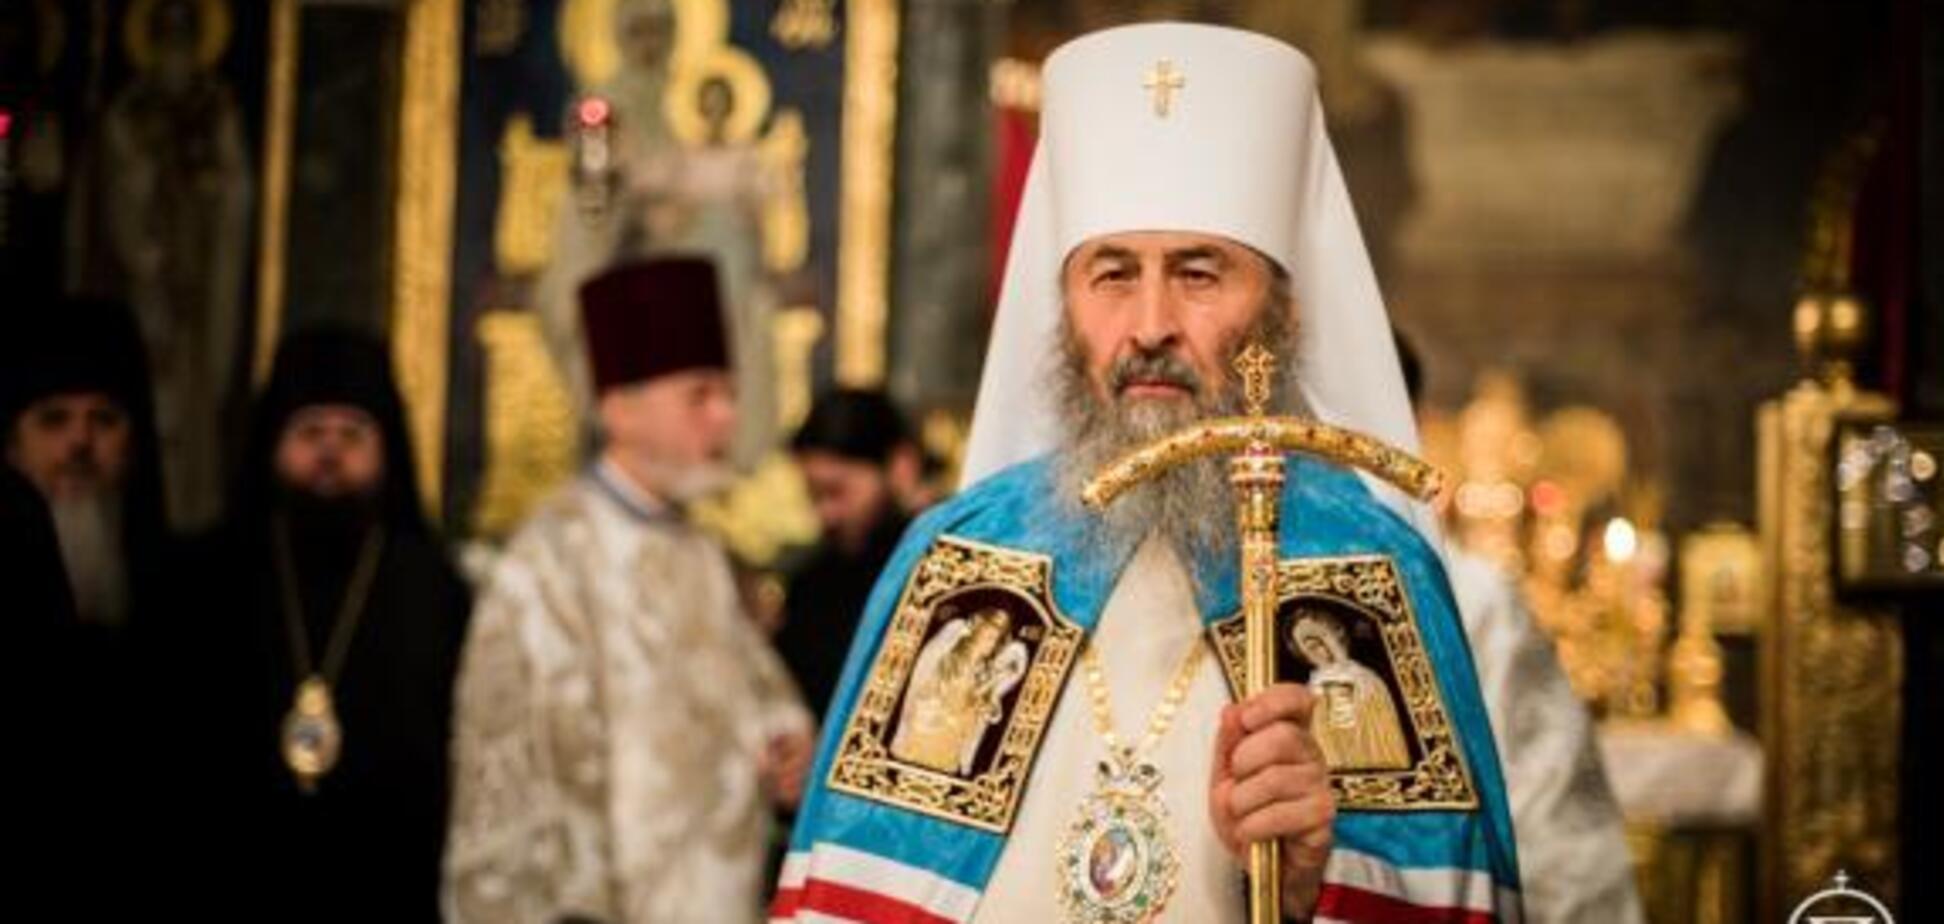 Перейменування УПЦ МП: у Порошенка прояснили долю Московського патріархату